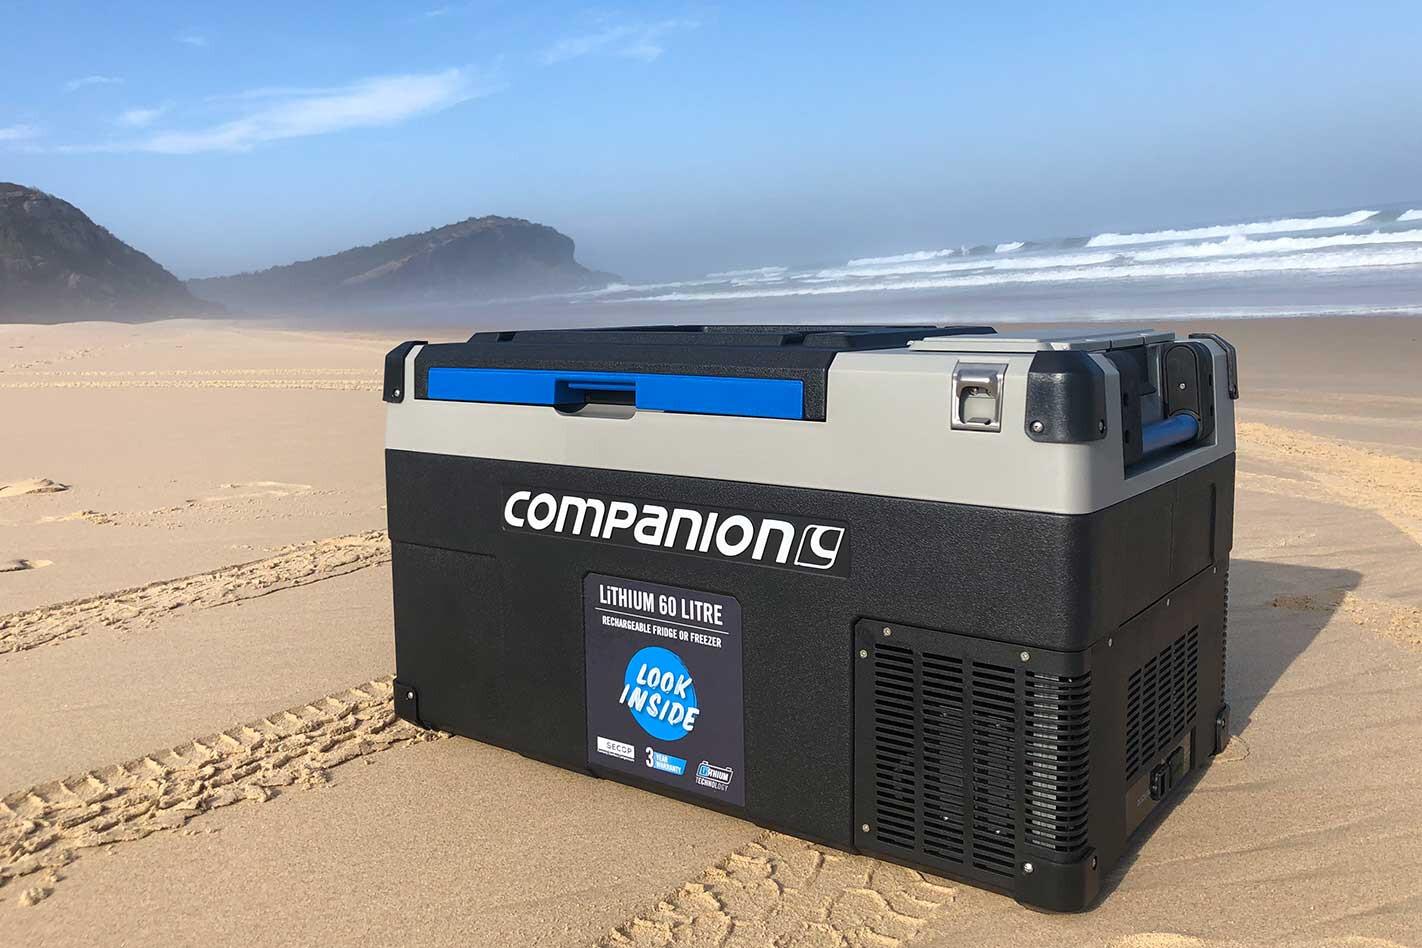 Companion lithium 60 litre fridge freezer review